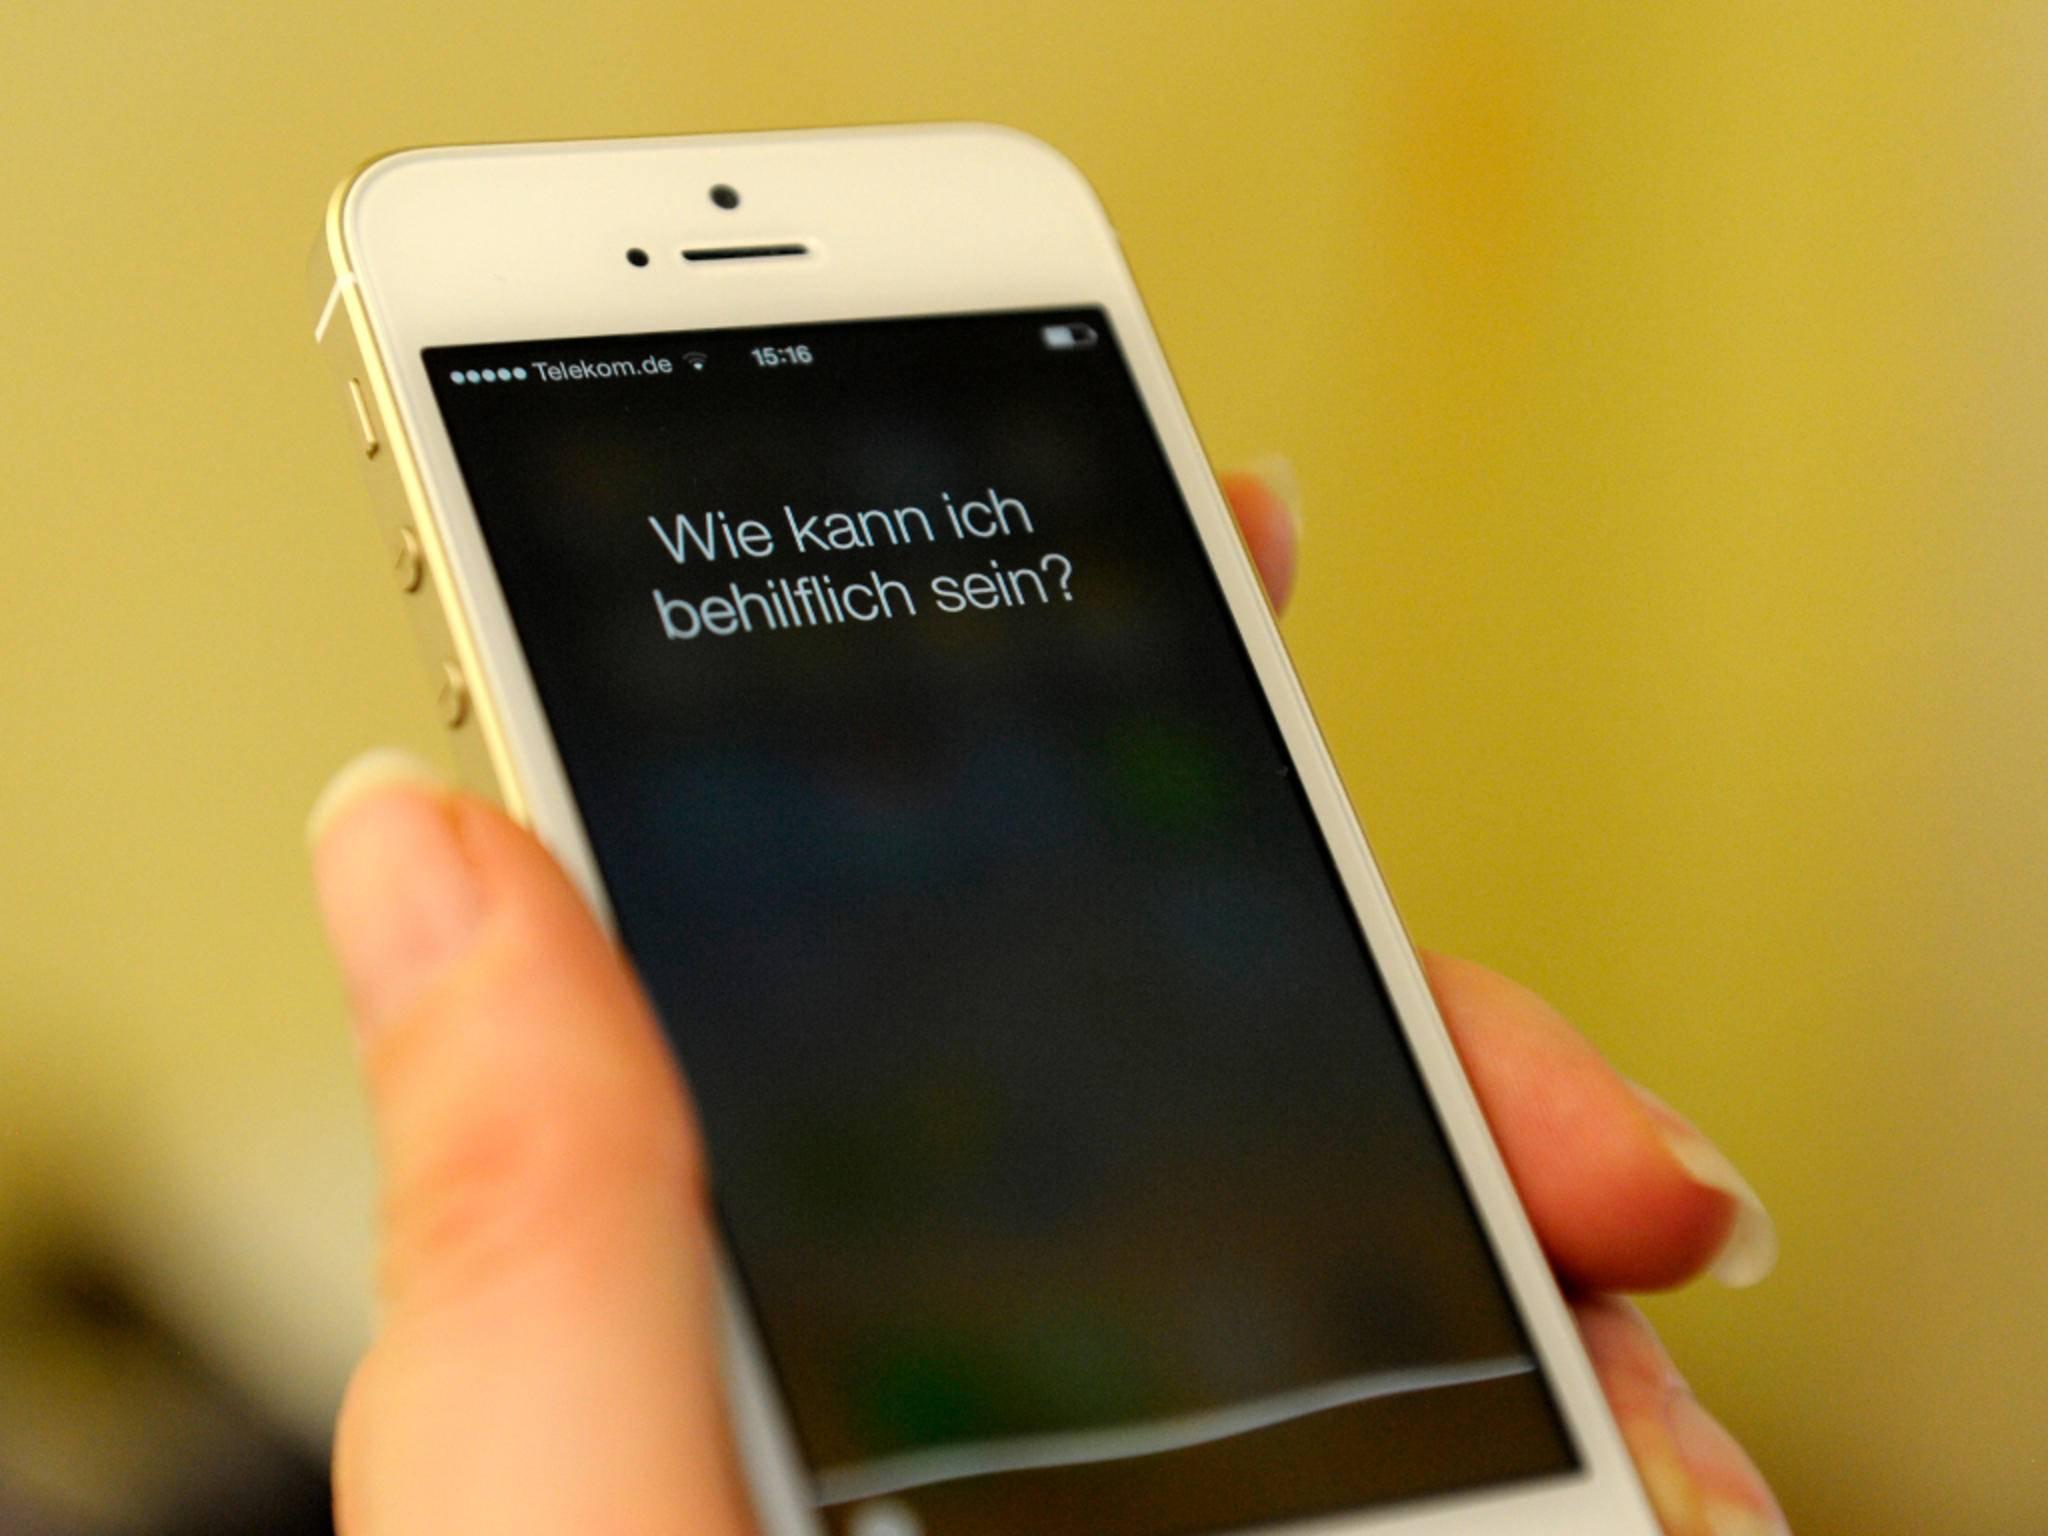 Die Sprachassistentin Siri kann seit iOS 9 deutlich mehr.